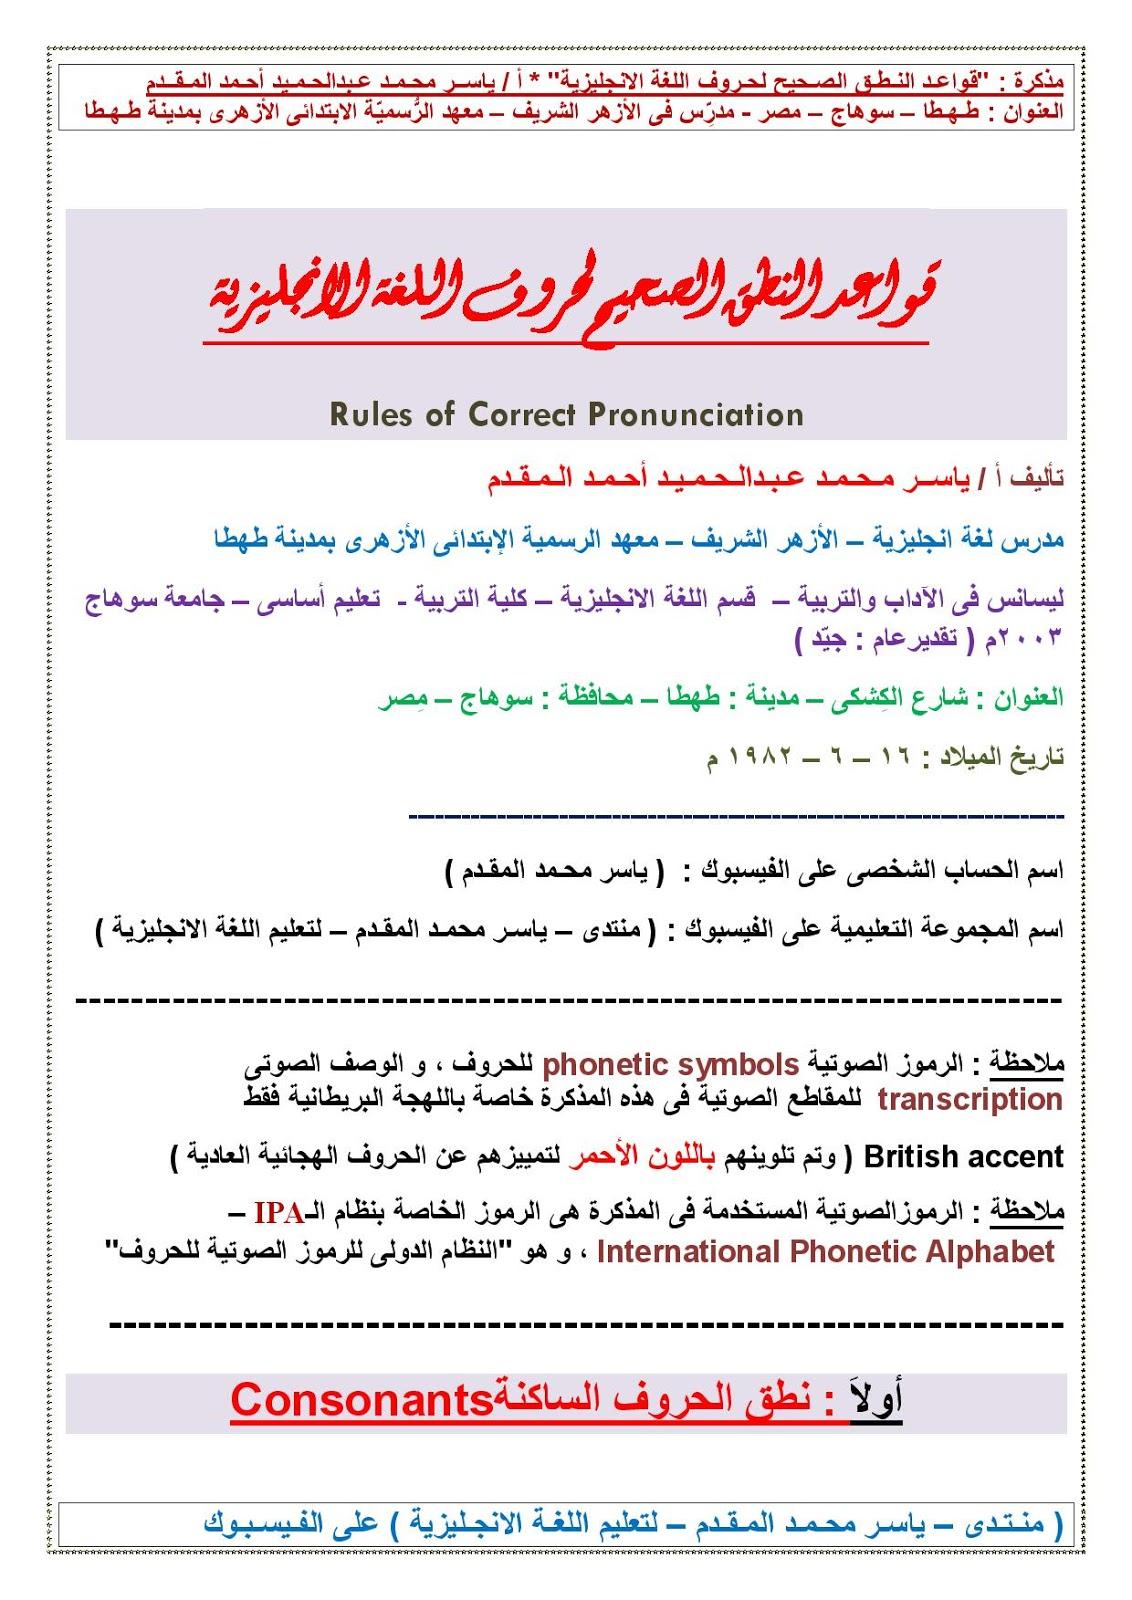 قواعد النطق الصحيح لحروف اللغة الانجليزية pdf - الموقع